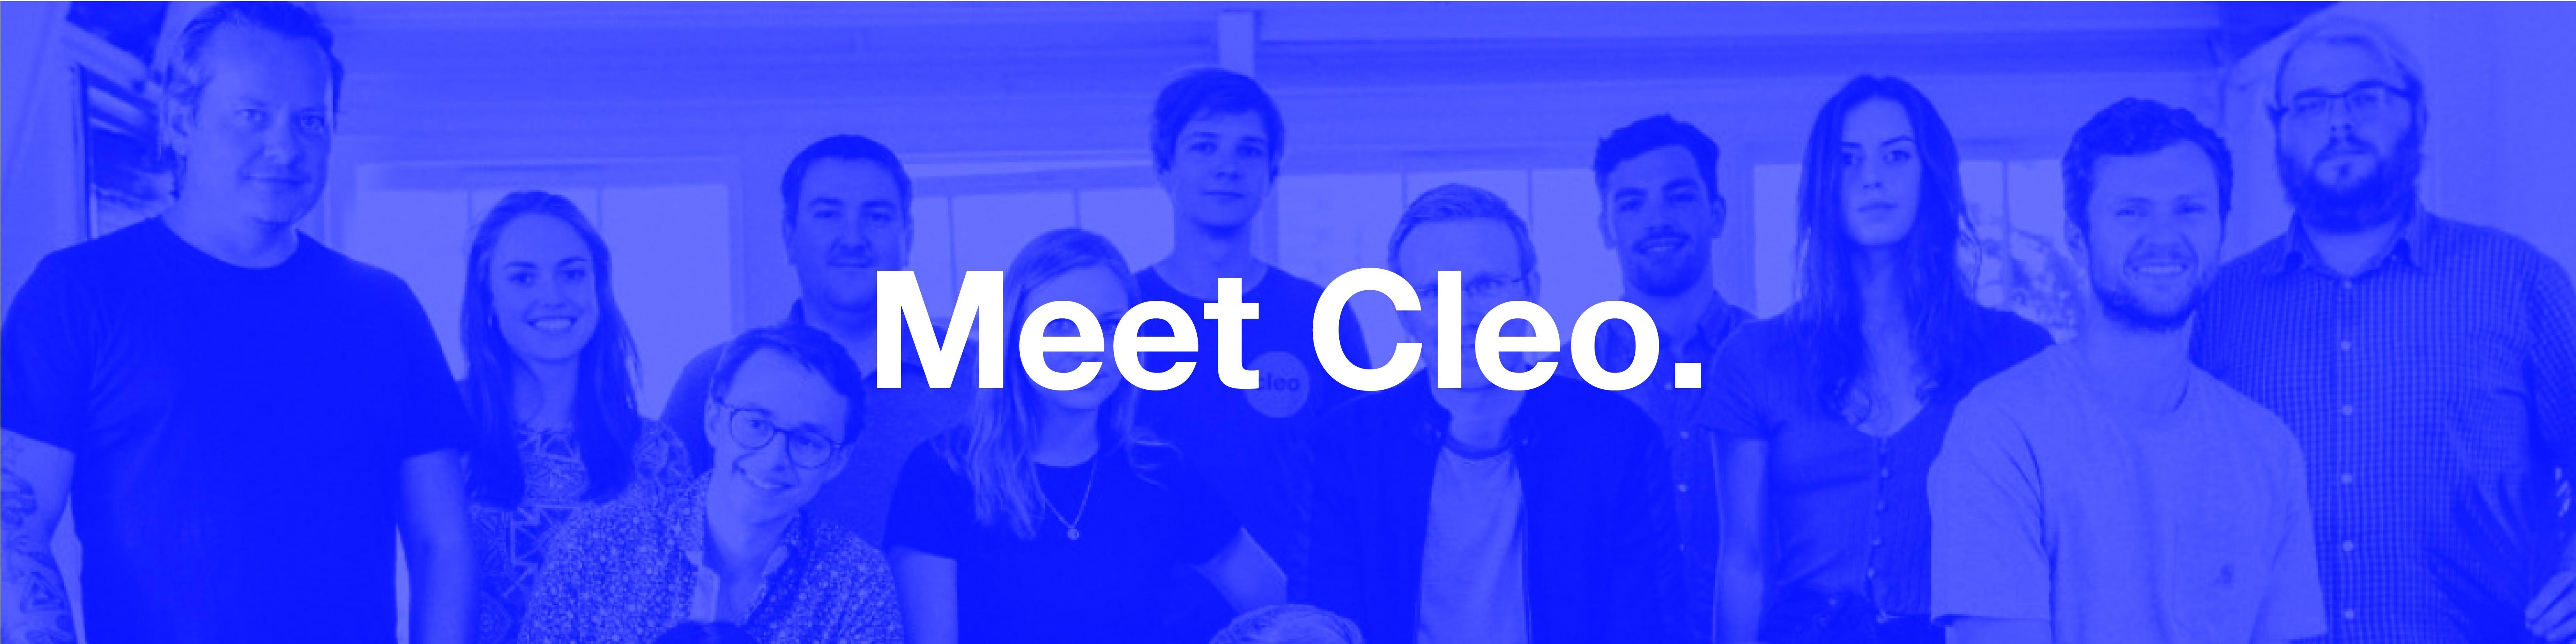 Cleo AI - we're hiring   LinkedIn